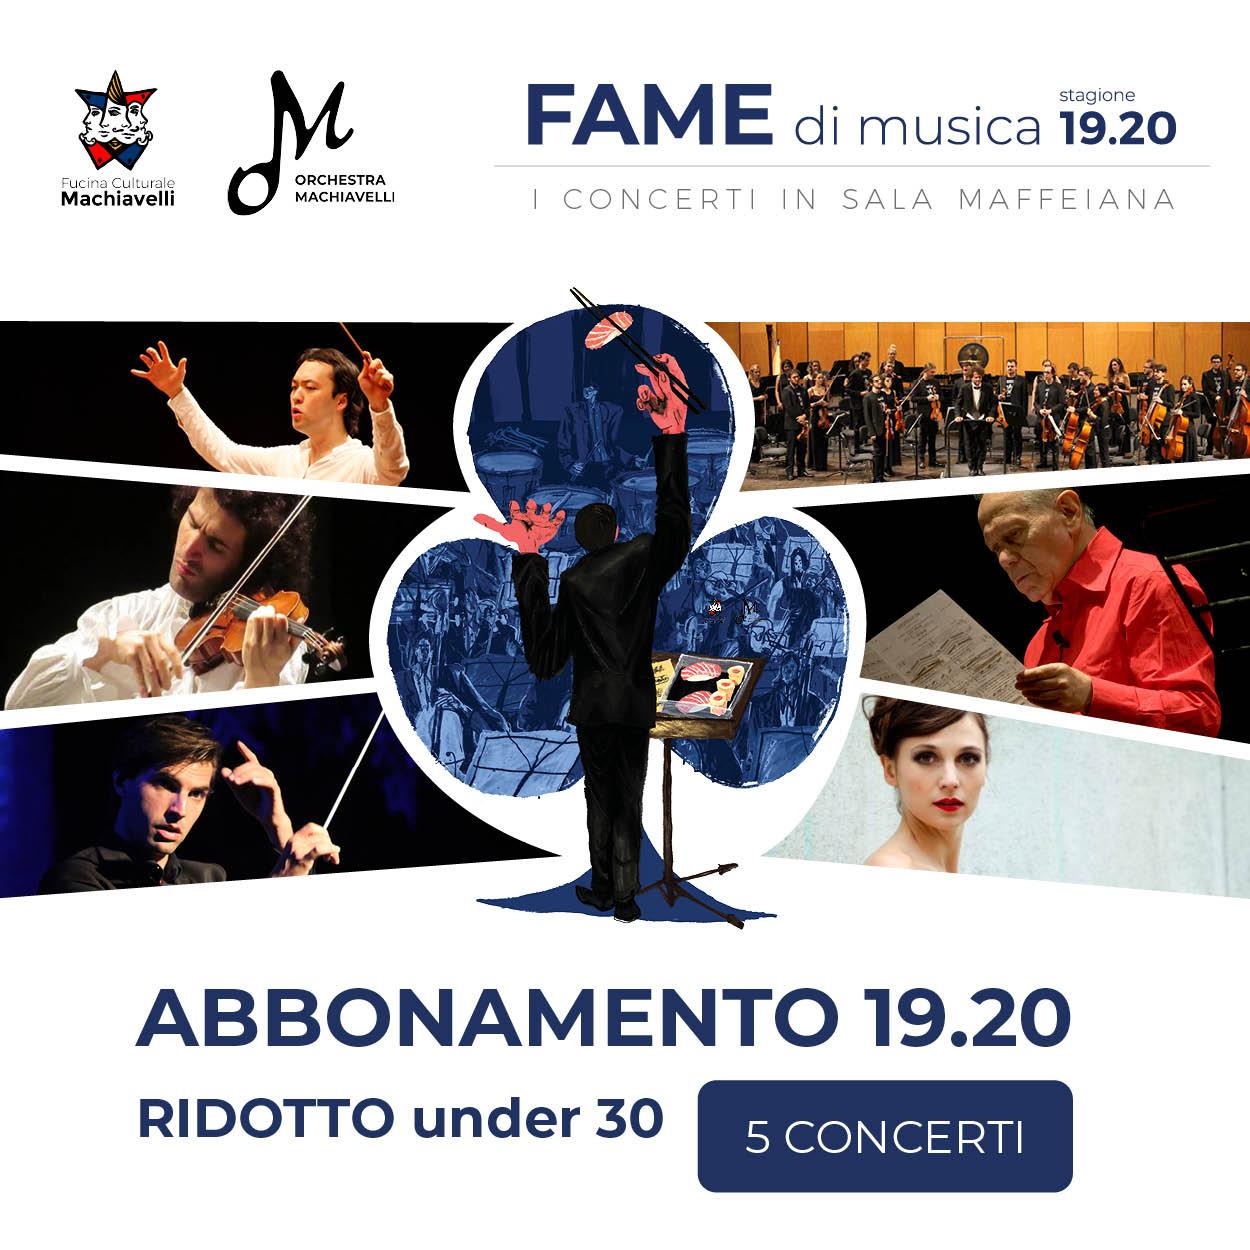 Abbonamento Fame di musica - concerti orchestra machiavelli in sala maffeiana verona